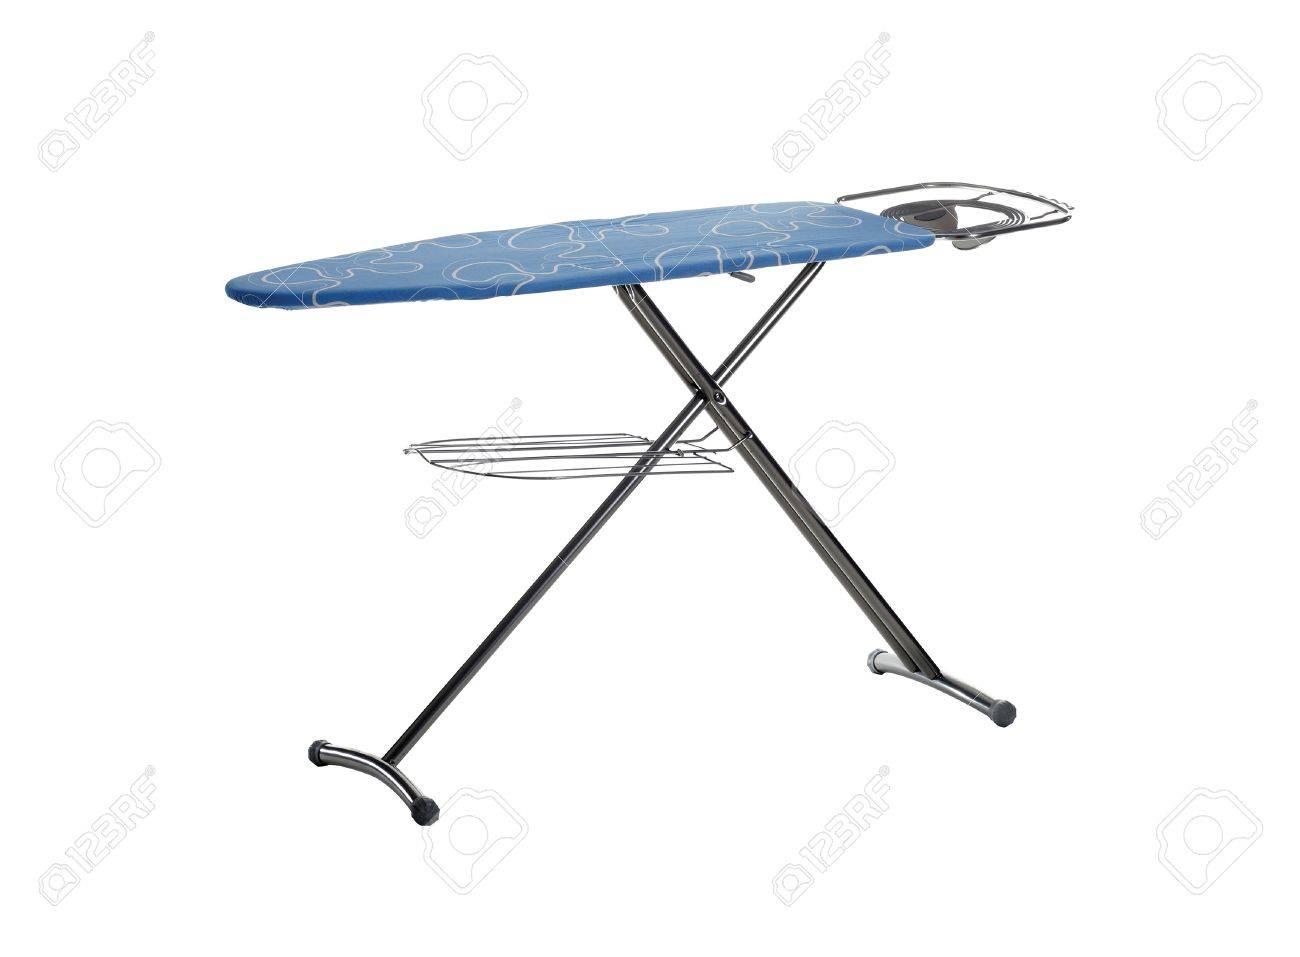 ironing board isolated on white background Stock Photo - 12274412